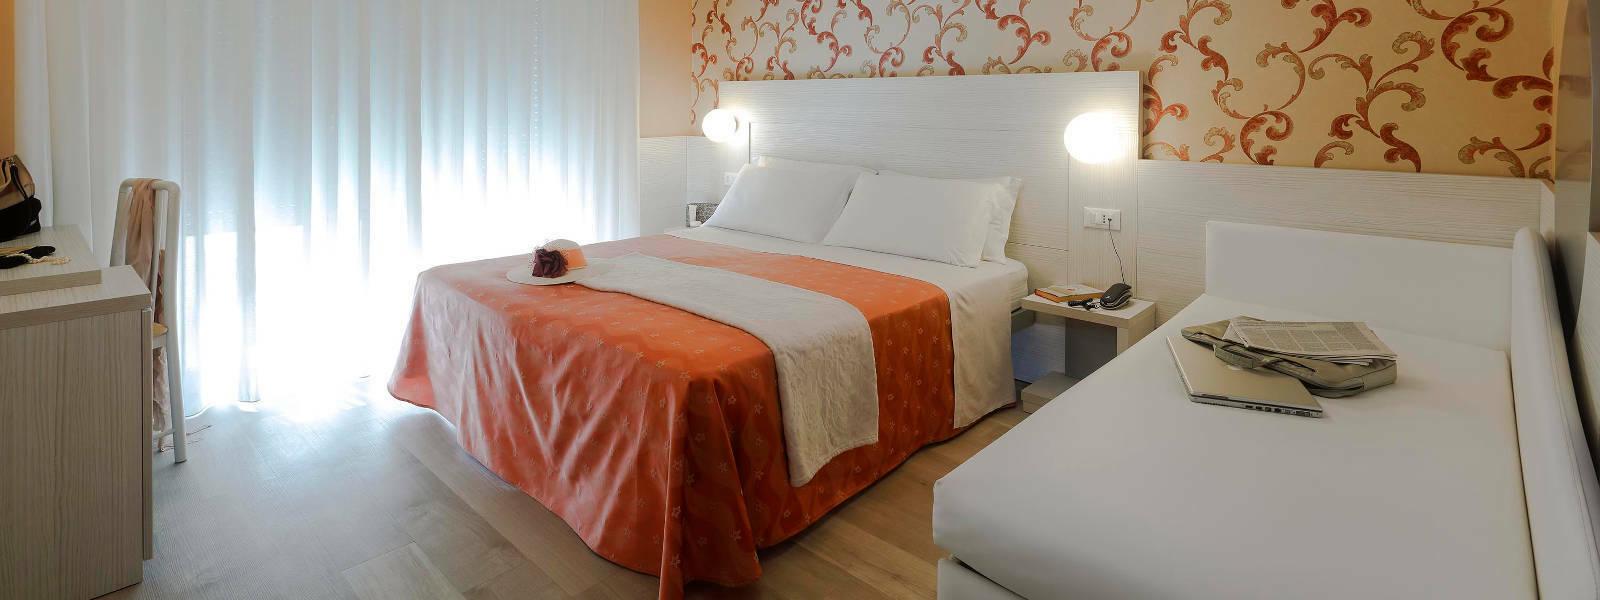 Camera hotel ombretta mare letto e divano hotel ombretta - Camera letto mare ...